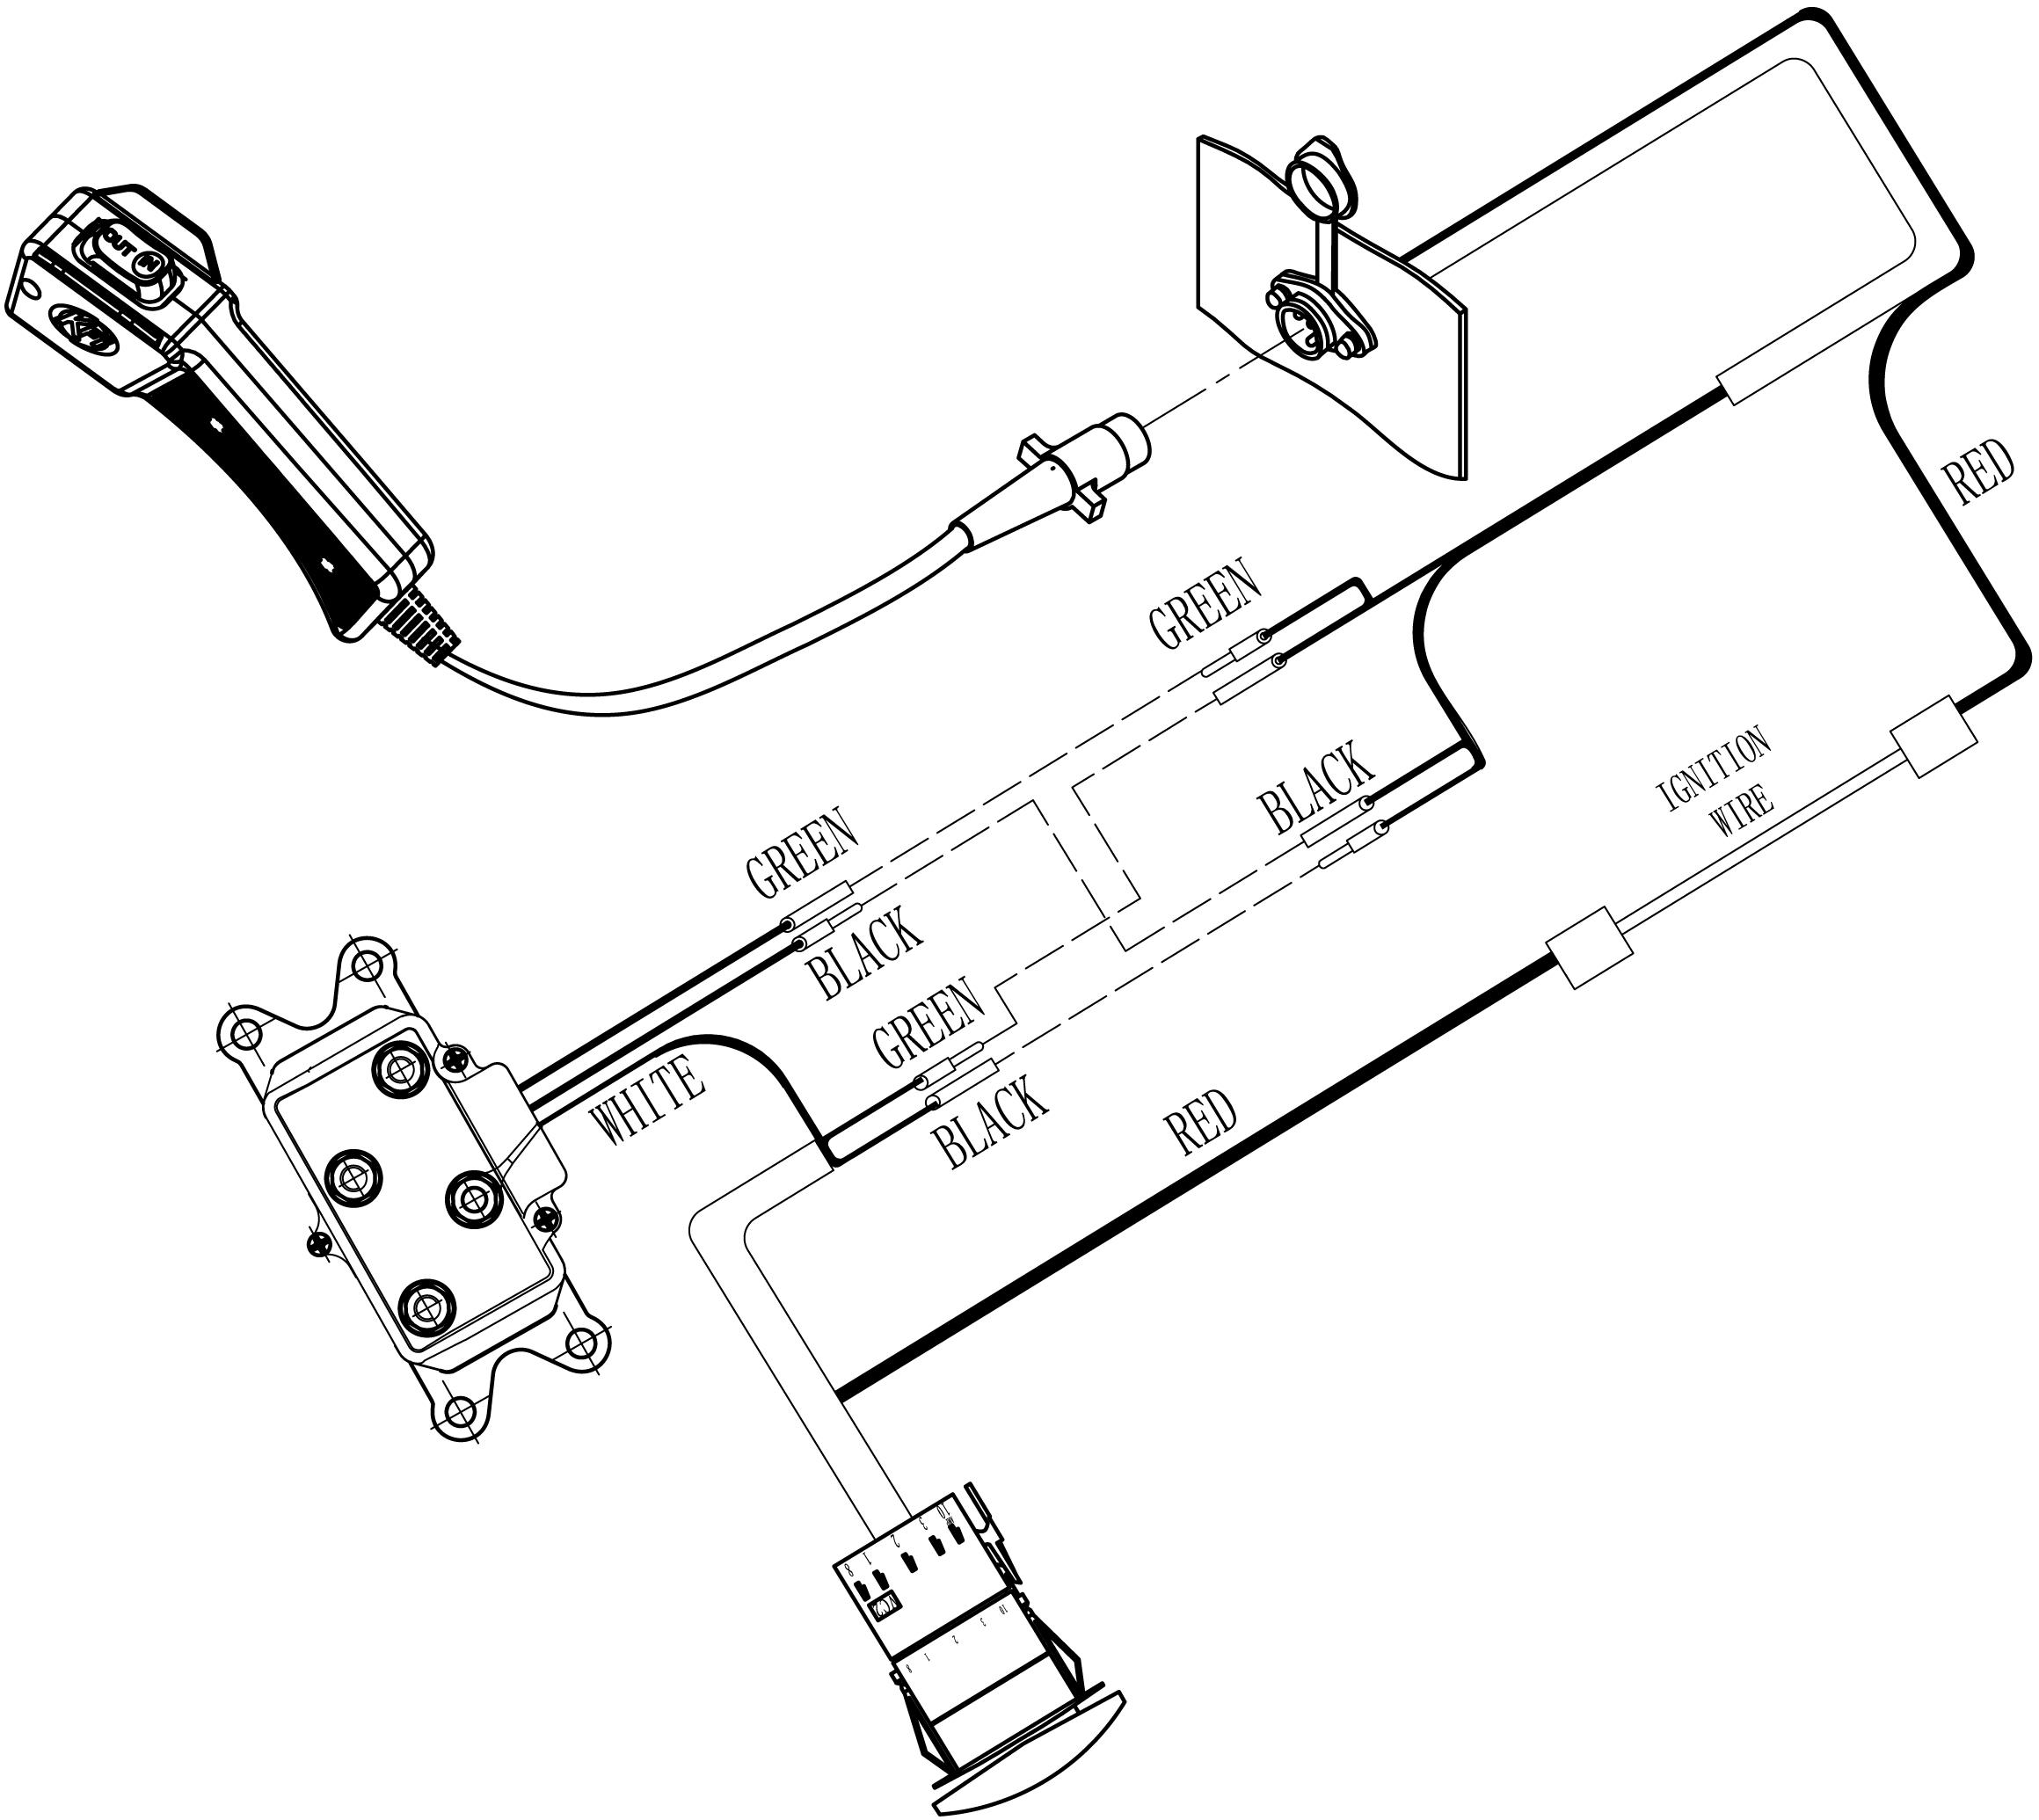 3000 Lb Badland Winch Wiring Diagram   Wiring Diagram - Badland Winch Wiring Diagram